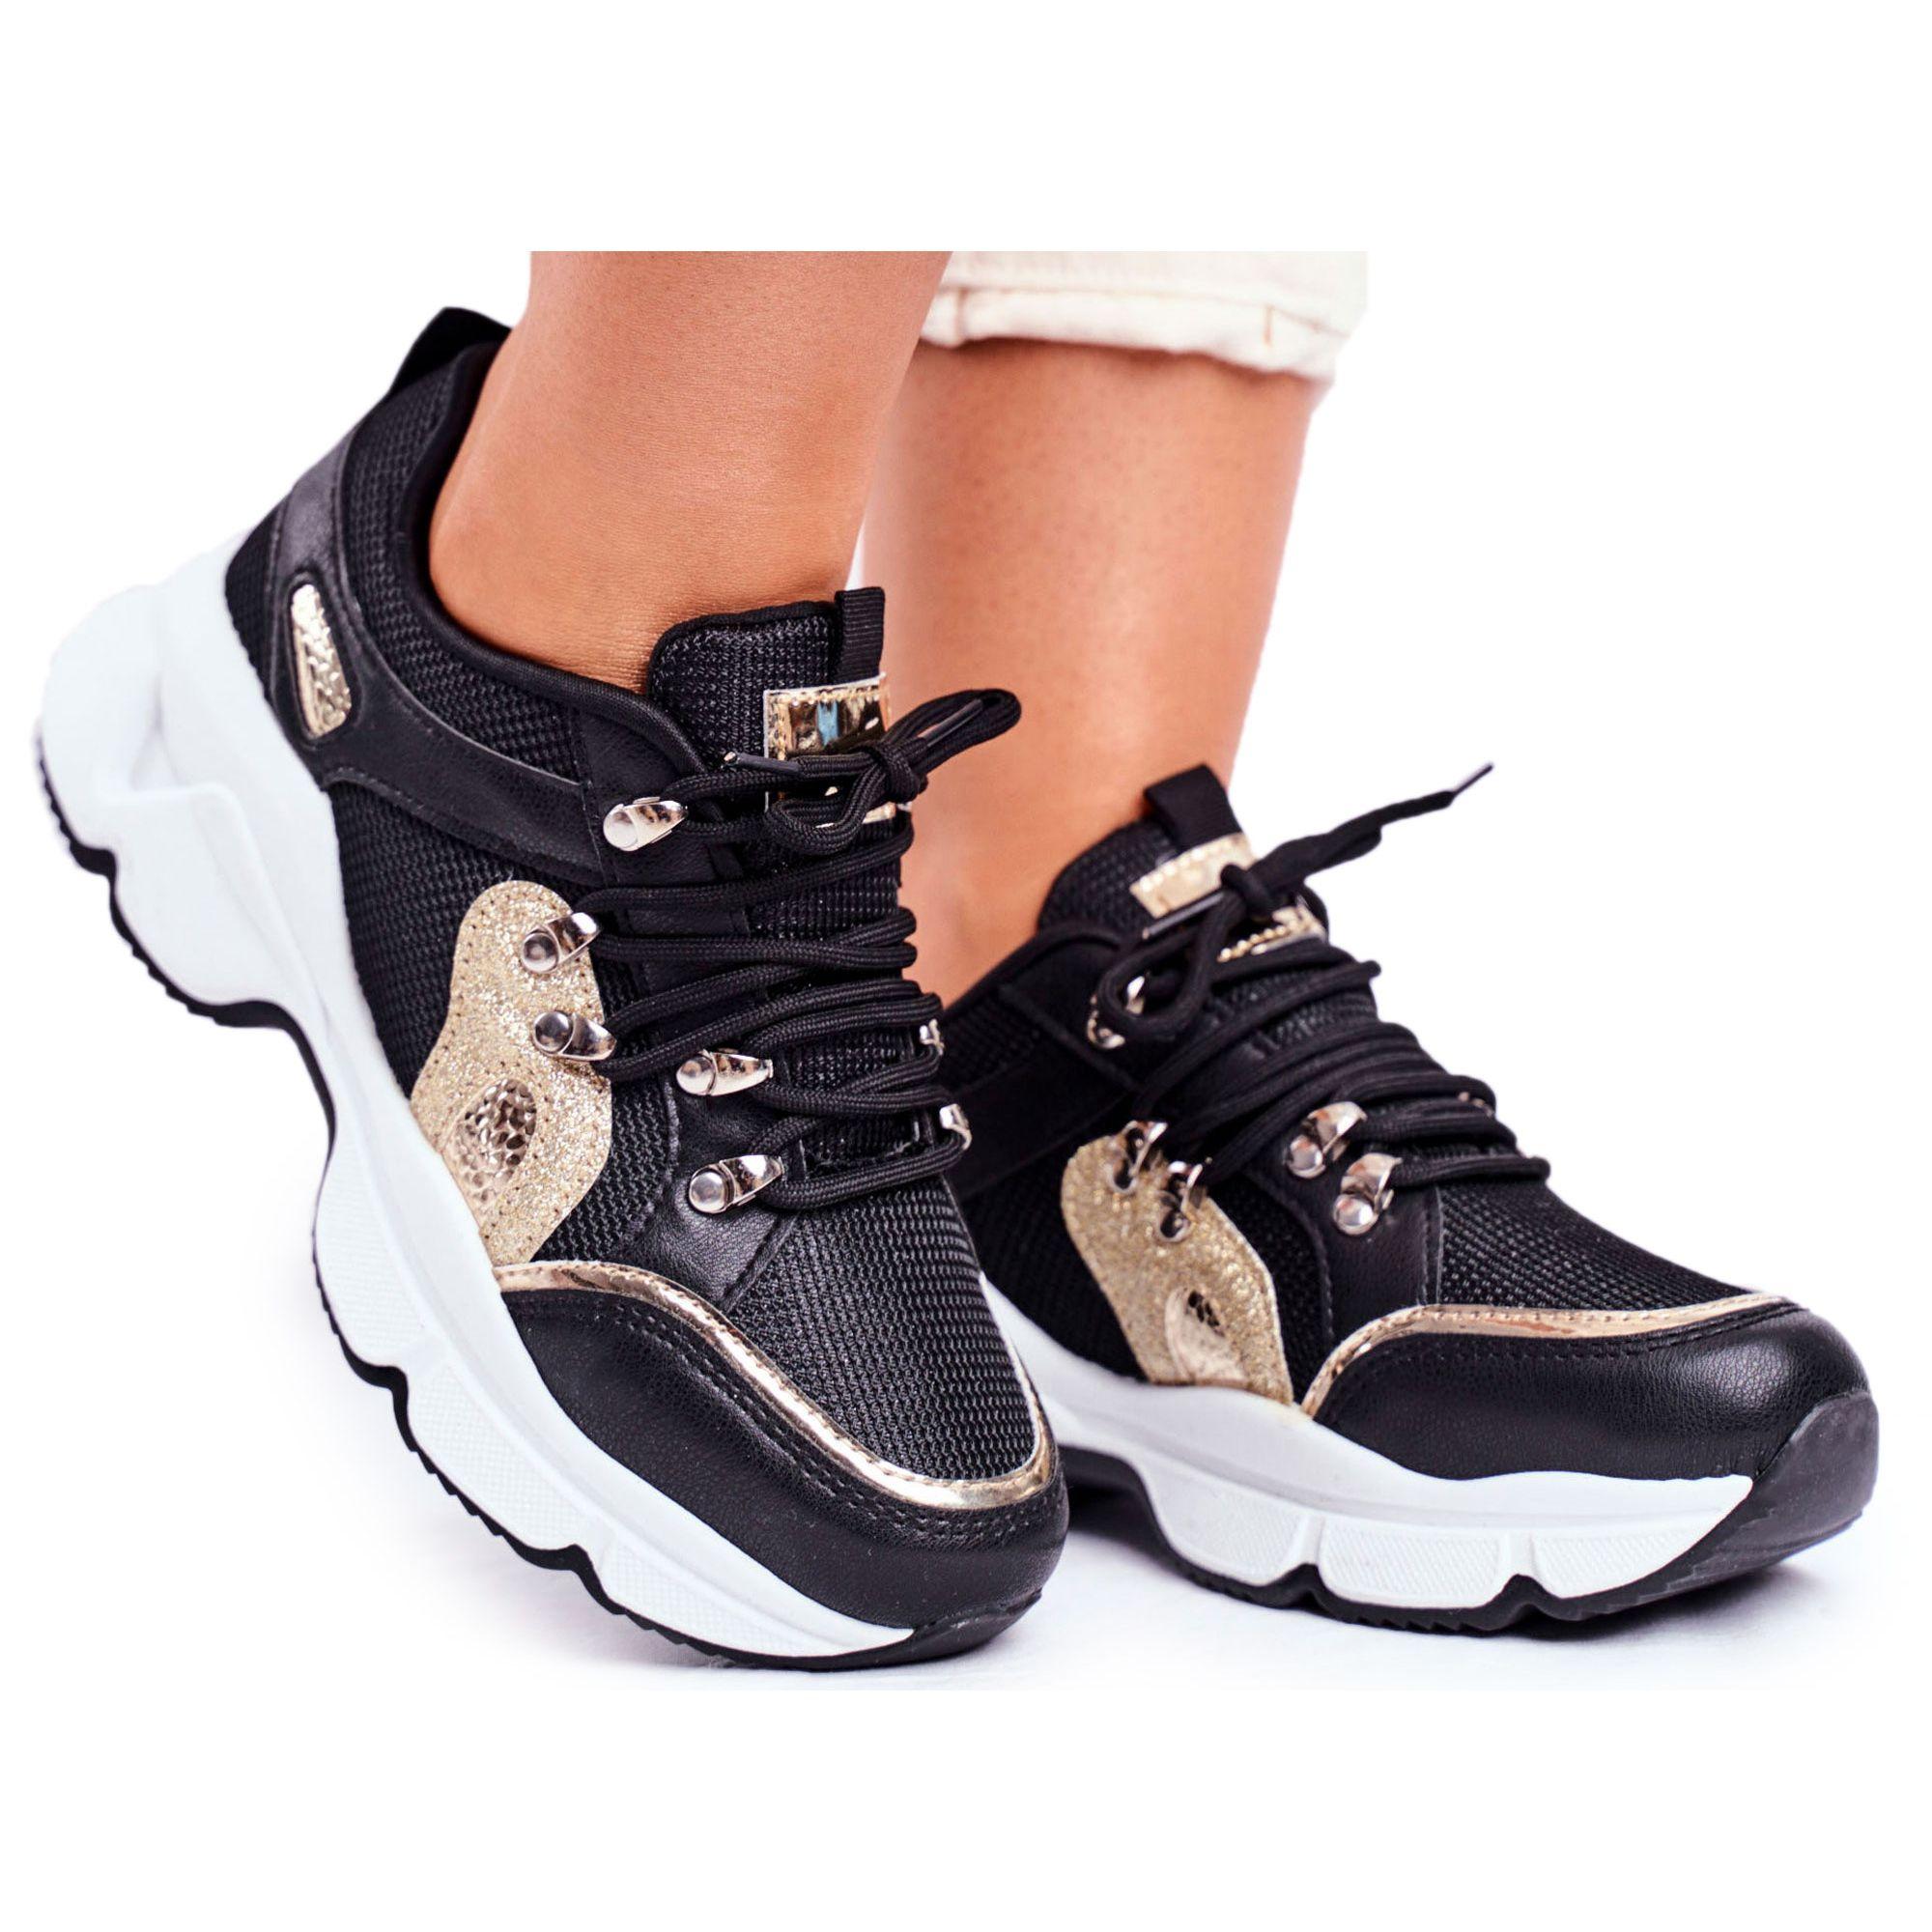 Sea Sportowe Damskie Buty Czarno Zlote Beijing Czarne Zolte Sneakers Nike Shoes Sneakers